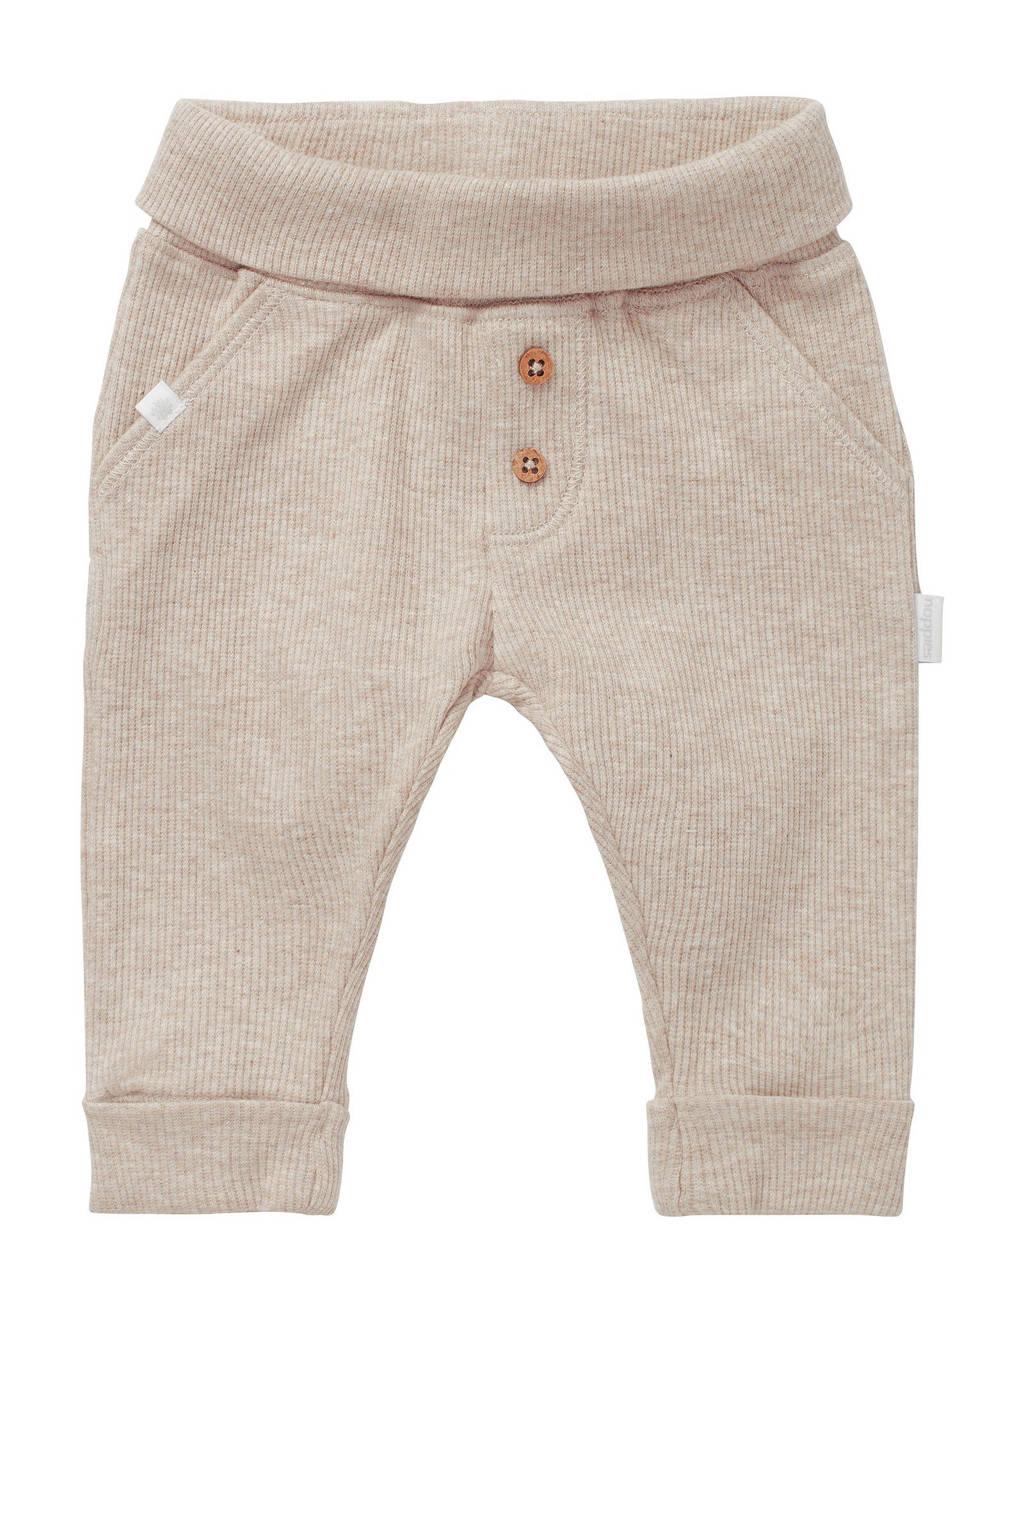 Noppies baby regular fit broek Shipley met biologisch katoen zand, Zand